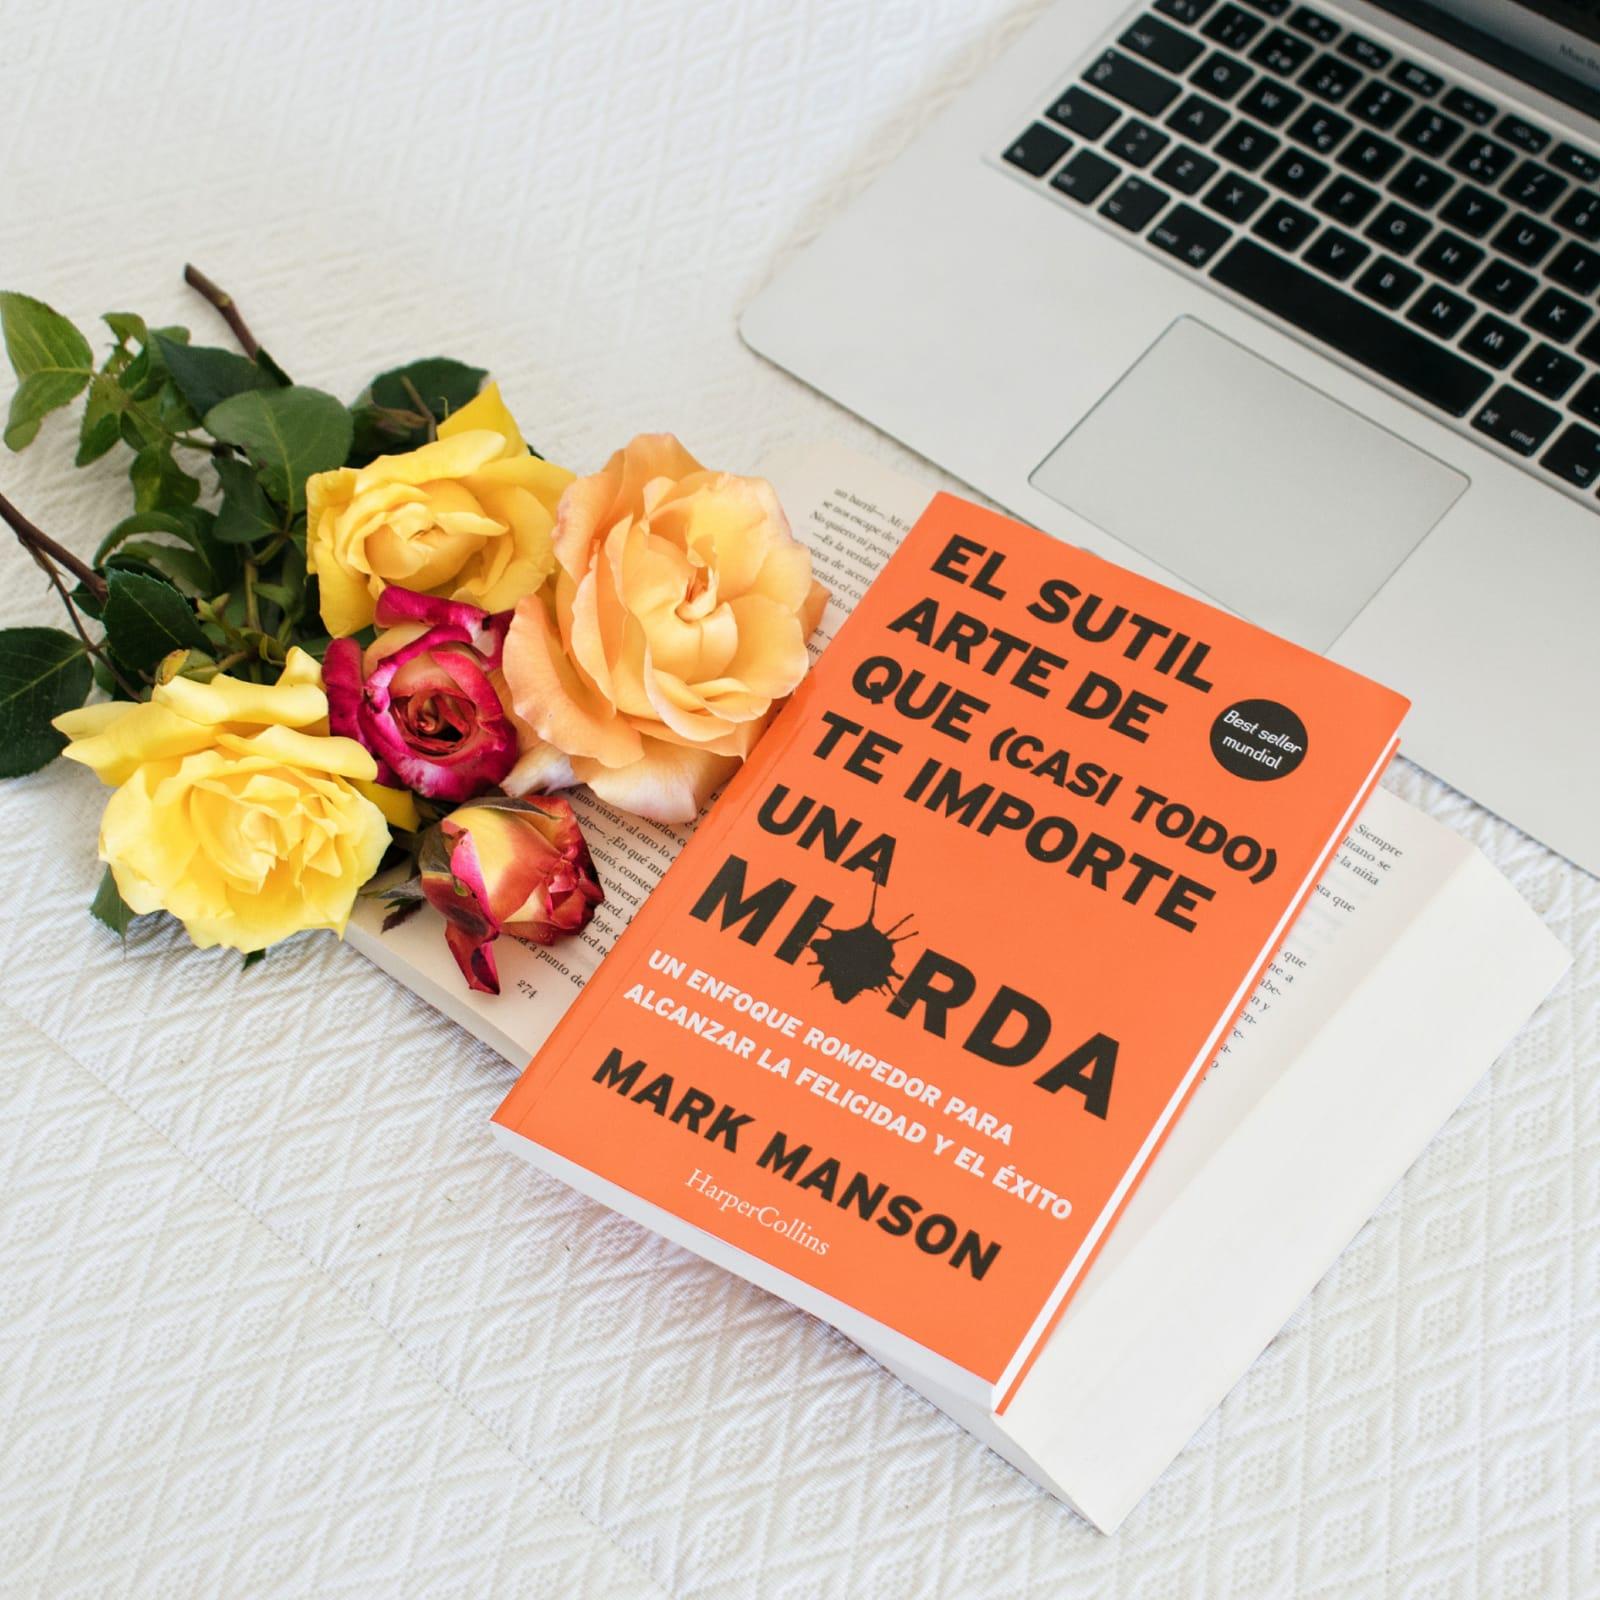 El sutil arte de que (casi todo) te importe una mi*rda, es un libro escrito  por el bloggero Mark Manson. En él, el autor establece como una especie de  guía ...